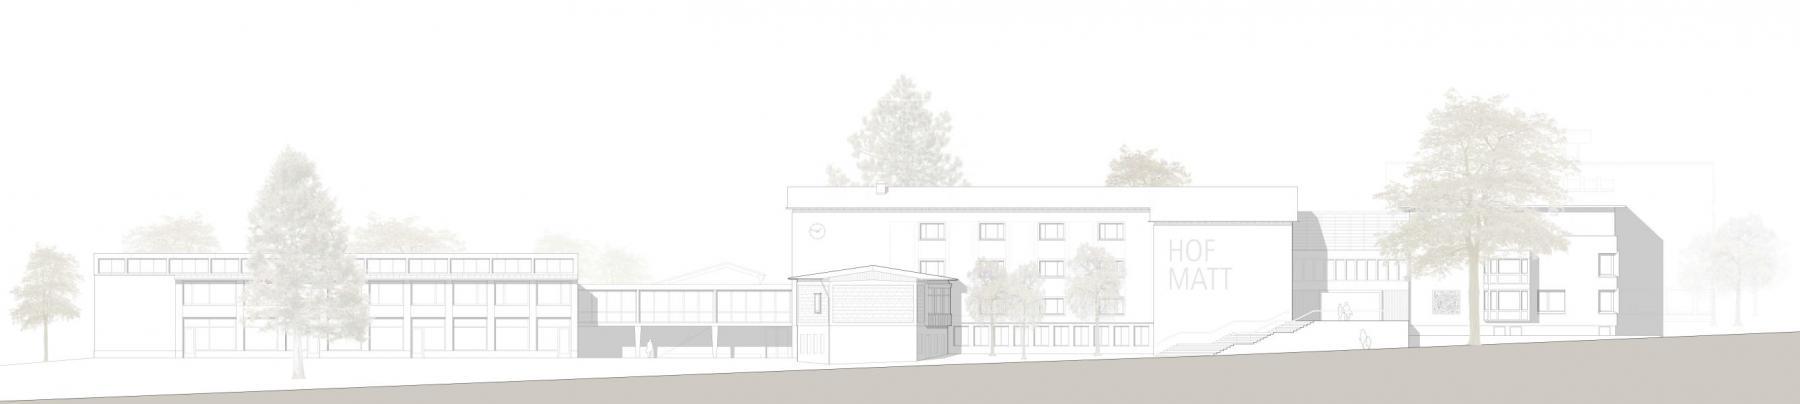 Siegerprojekt «HUGO», Ansicht West, Savioni Kuithan Architekten, Zürich (Plan: Projektverfasser)